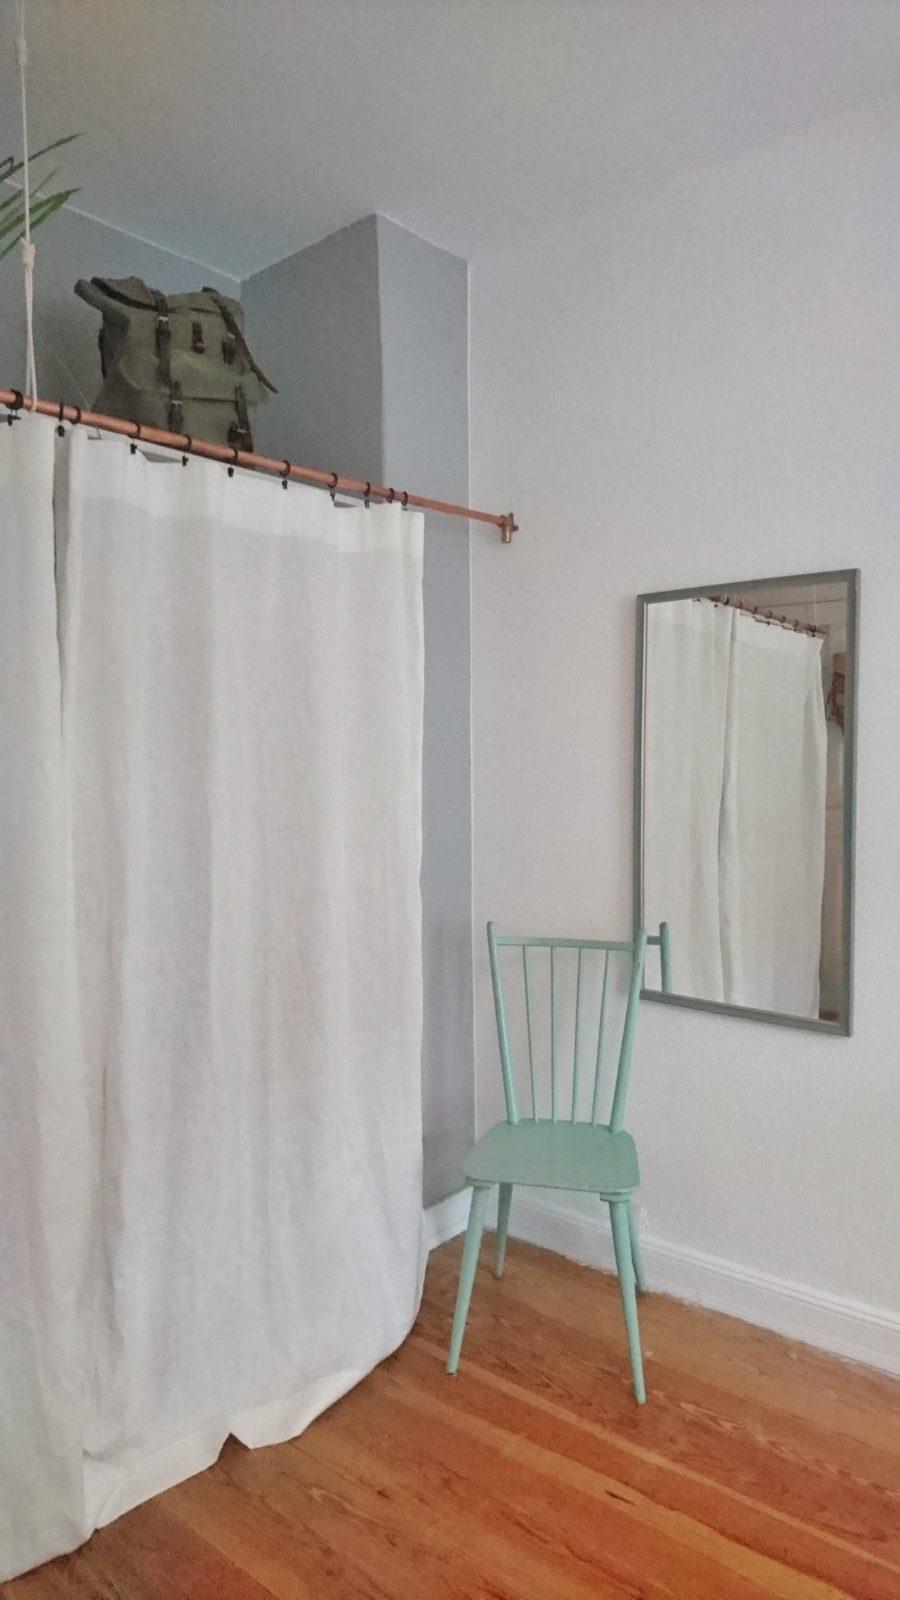 Diykleiderschrank Mit Vorhang Statt Türen Und Einem von Schrank Vorhang Statt Tür Bild